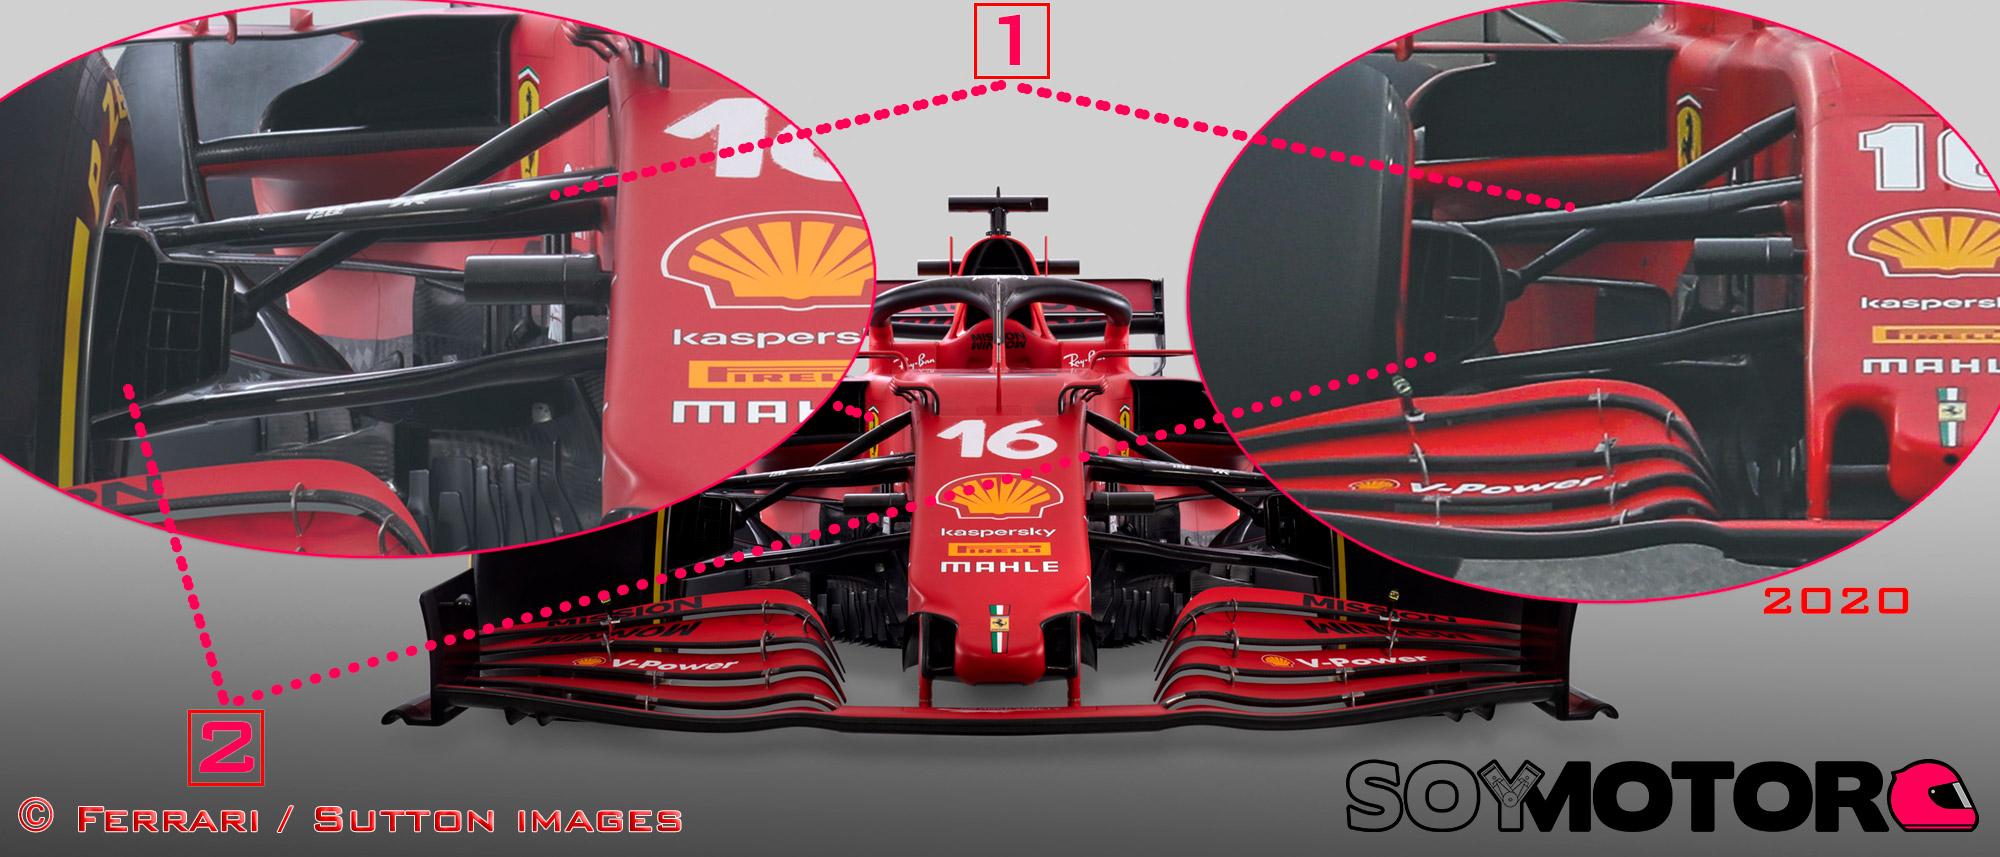 ferrari-sf21-suspension-delantera-y-paletas-de-frenos-soymotor.jpg